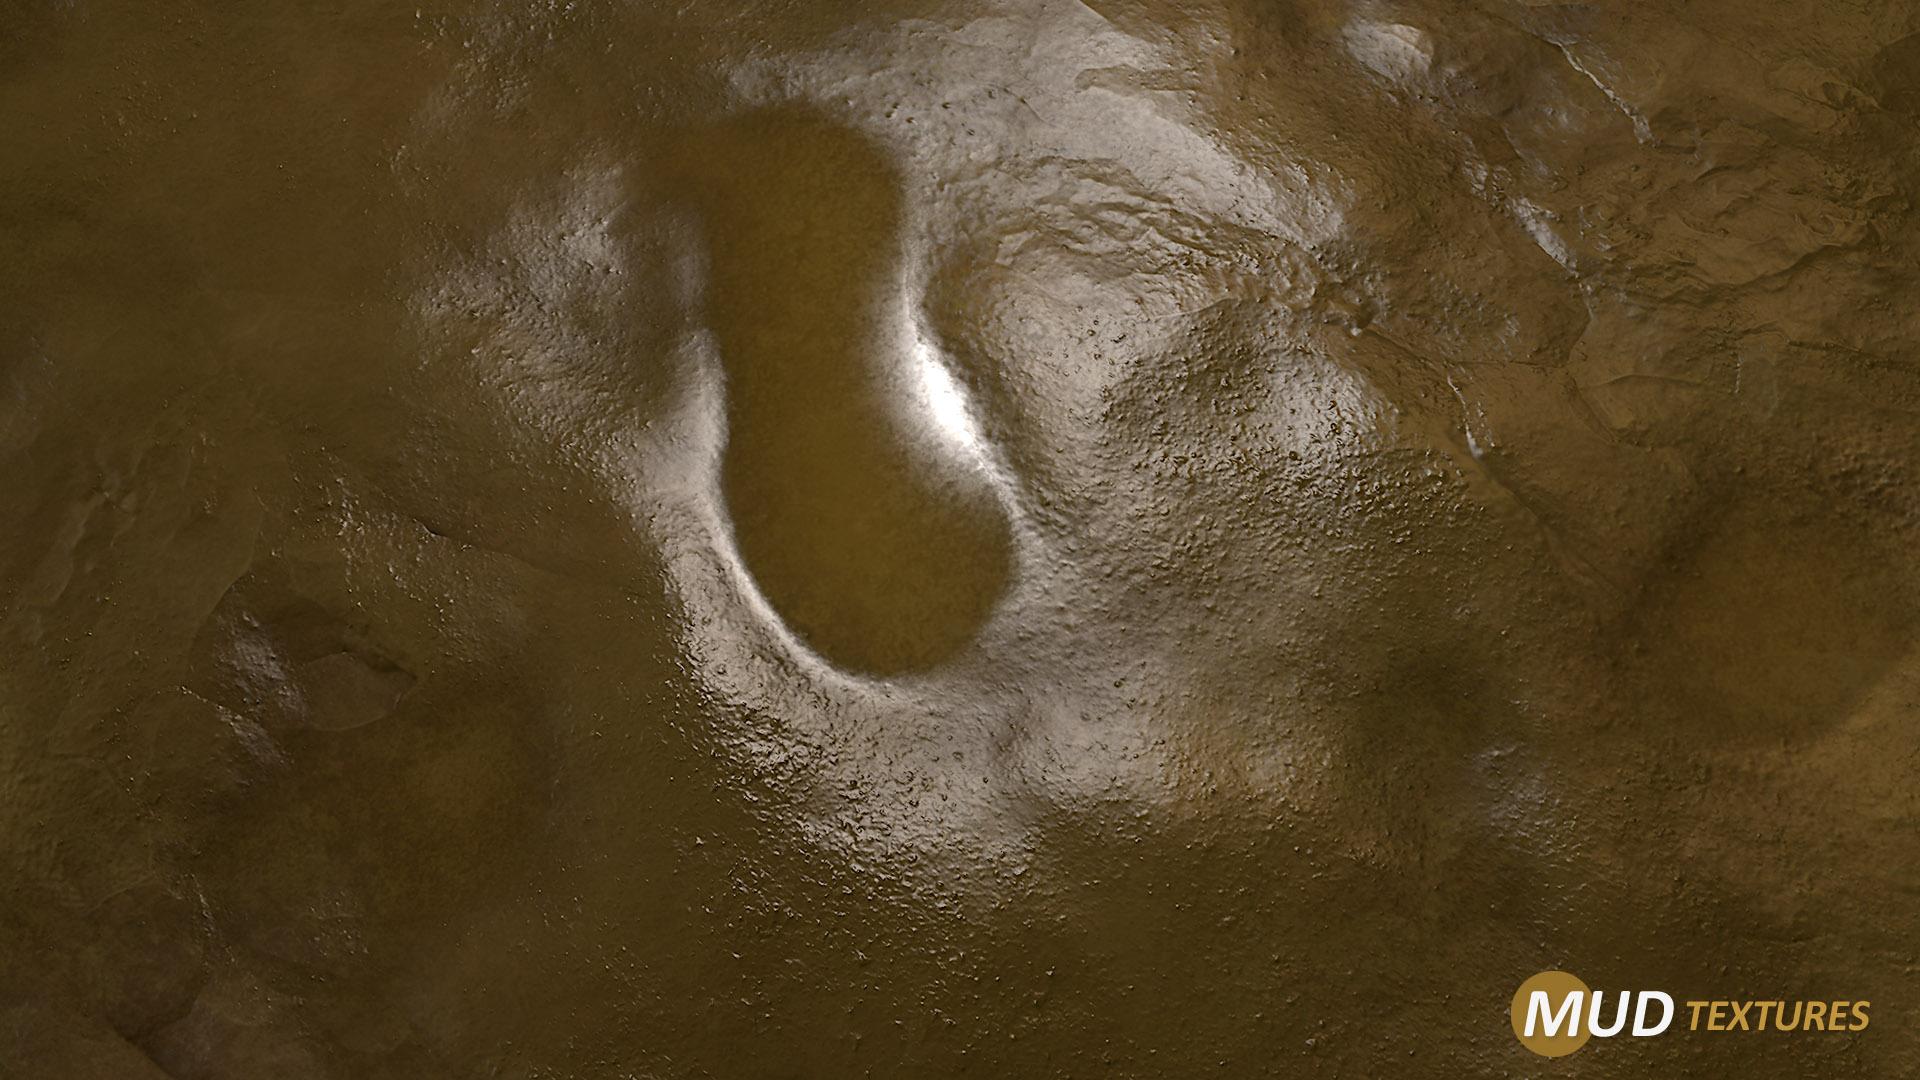 mud_texture_02.jpg